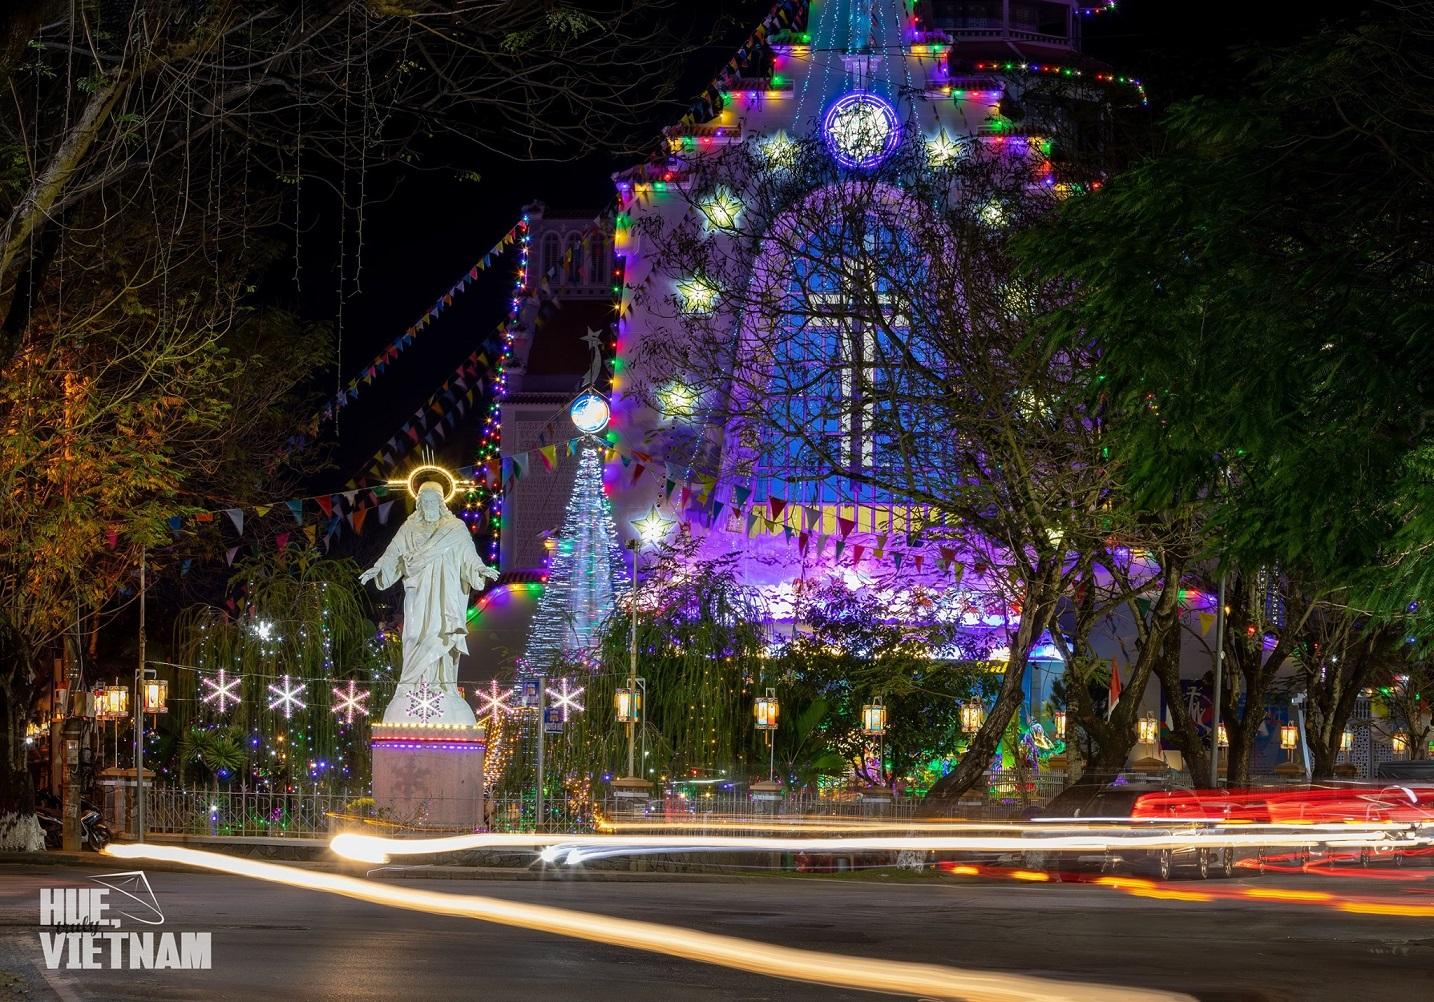 Mặt trước nhà thờ rực rỡ và lộng lẫy mỗi mùa Noel đến. Hình: Hue, truly Vietnam